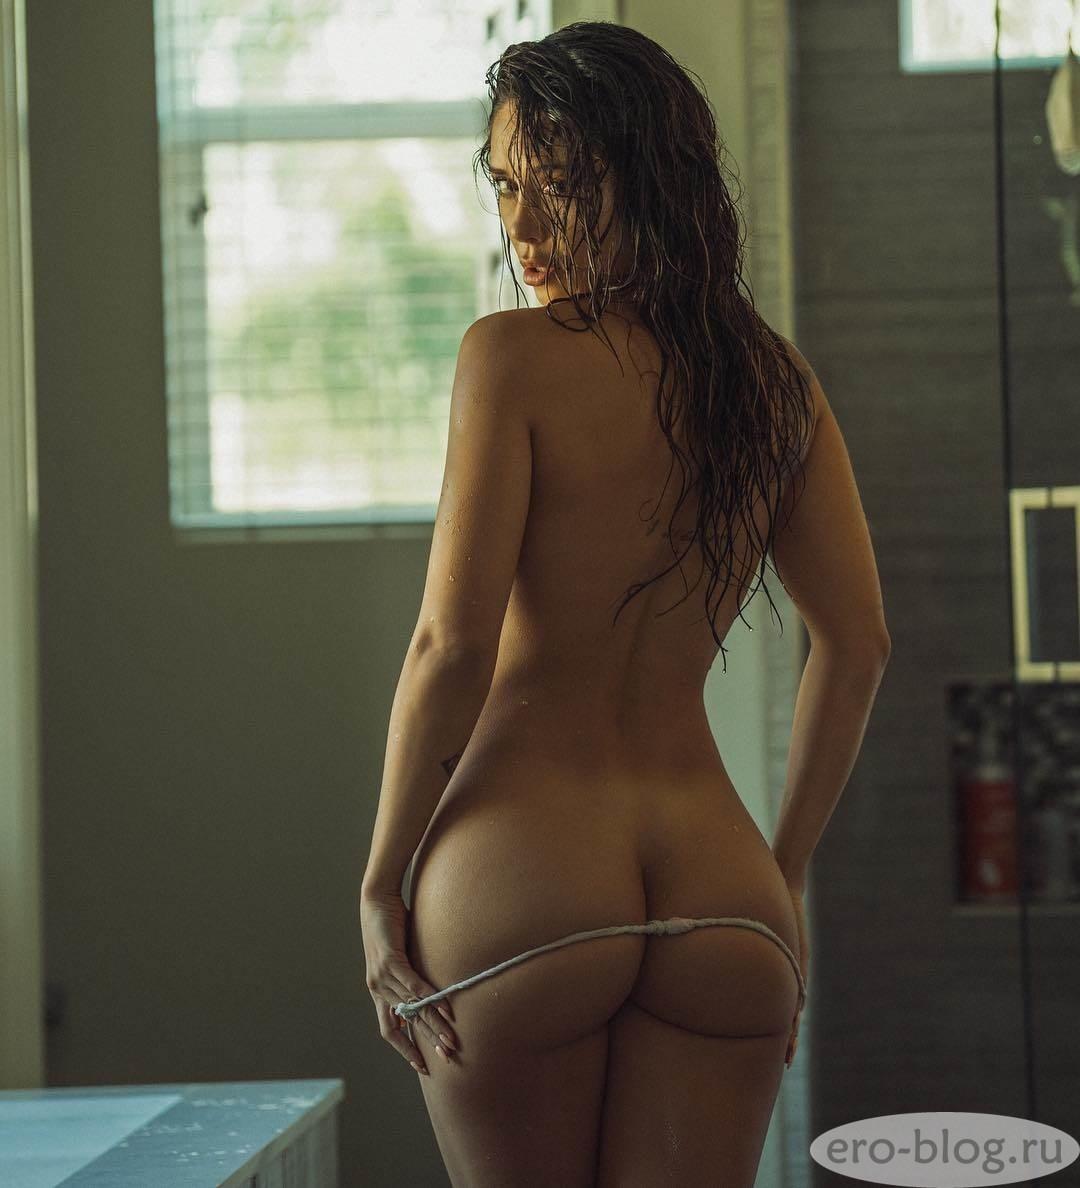 Голая обнаженная Tianna Gregory | Тианна Грегори интимные фото звезды